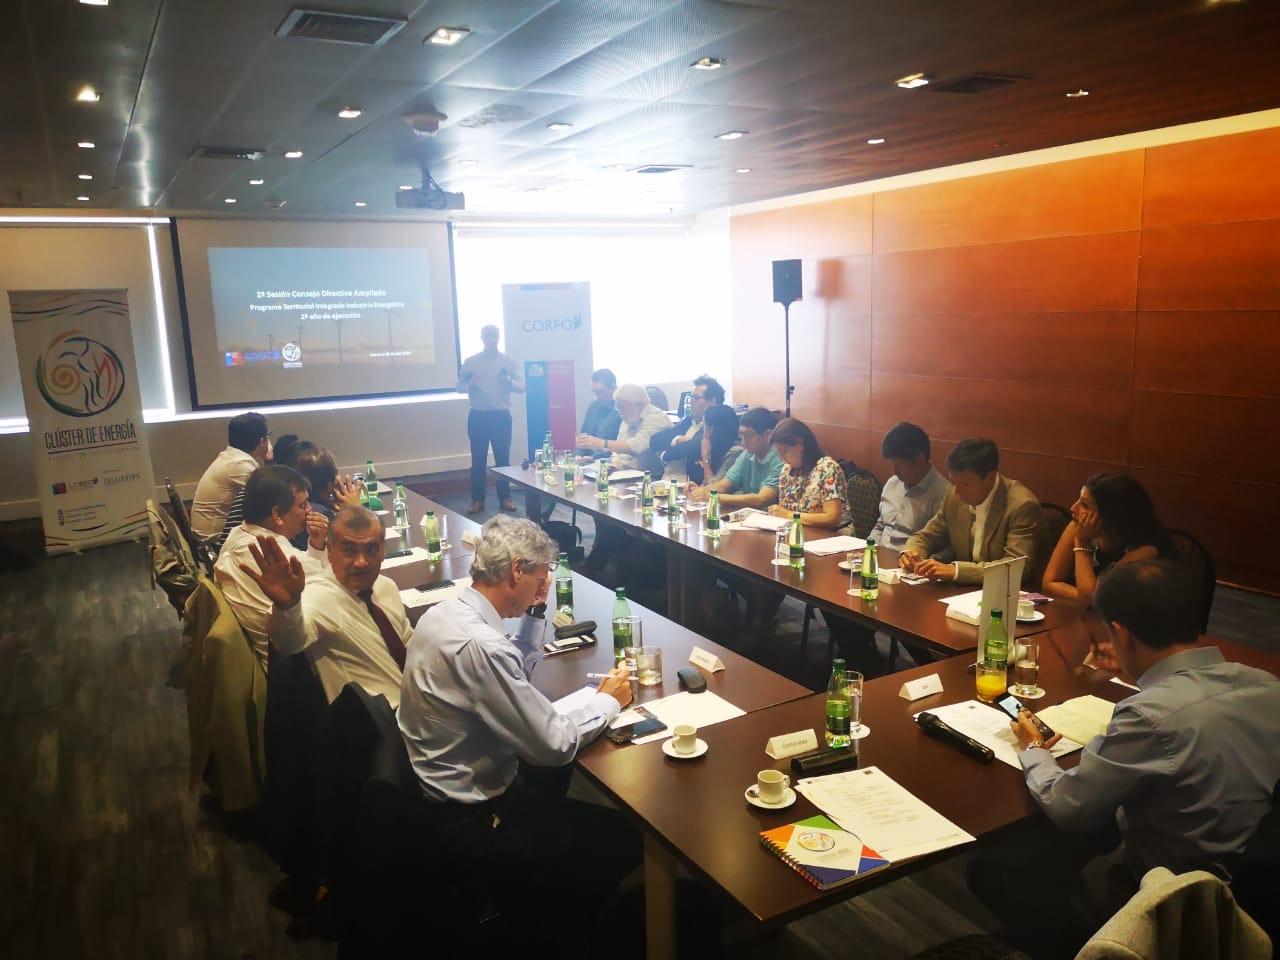 Directivos participaron en reunión del Clúster de Energía sobre avances y desafíos 2020 noticias